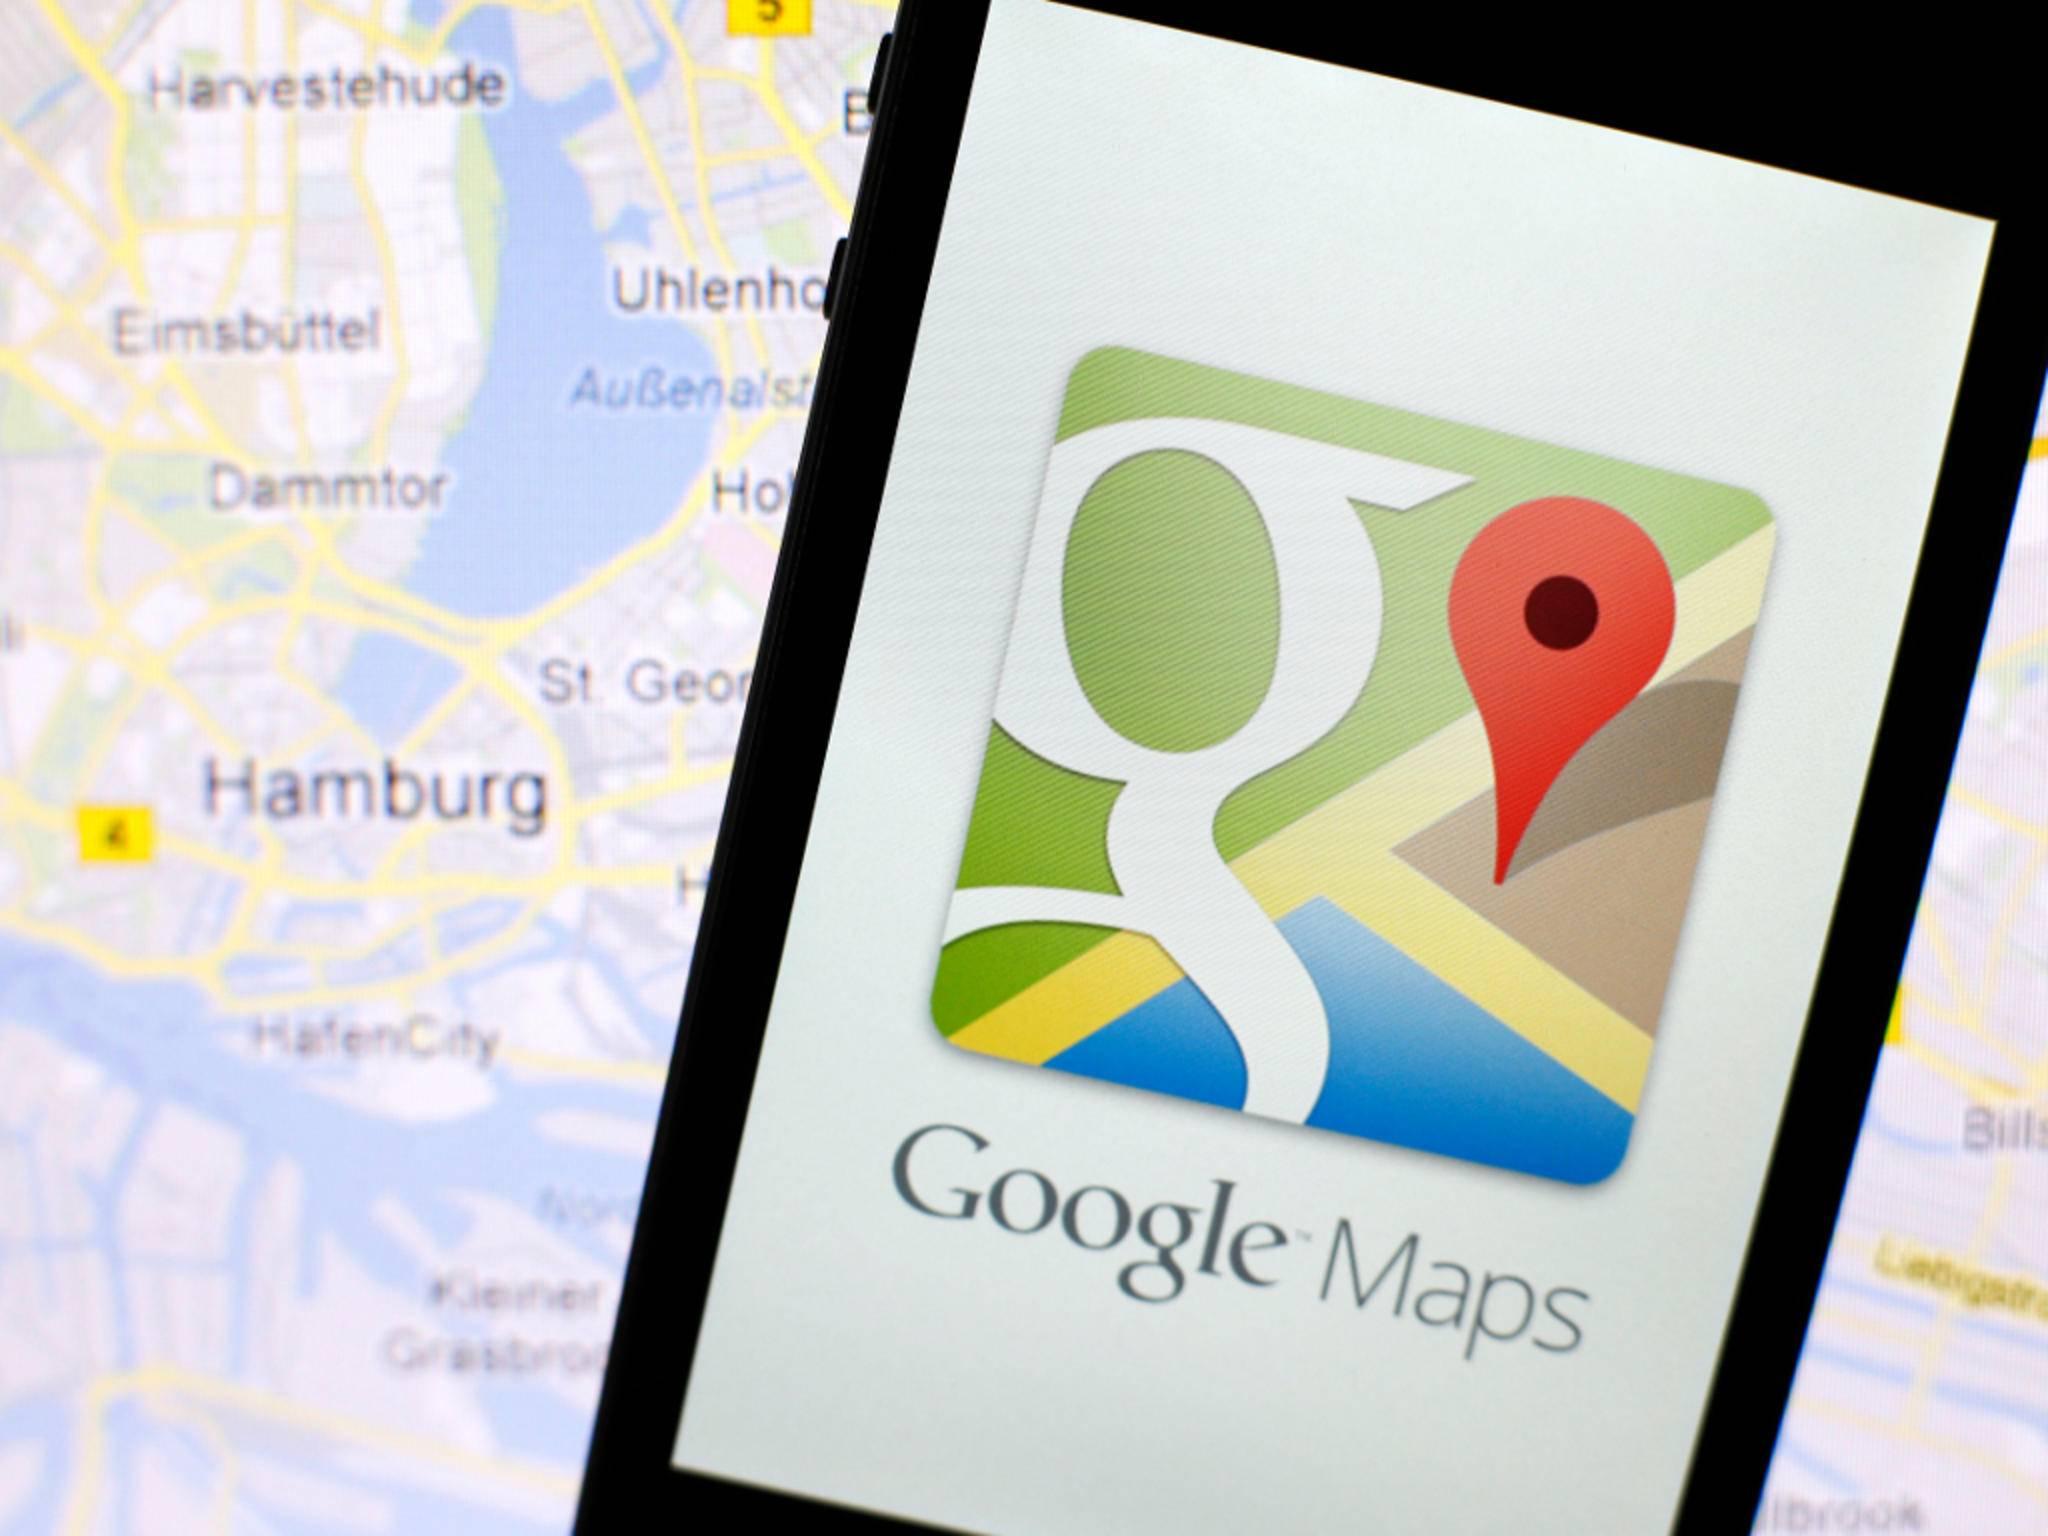 Wir haben Google Maps mal genauer unter die Lupe genommen.